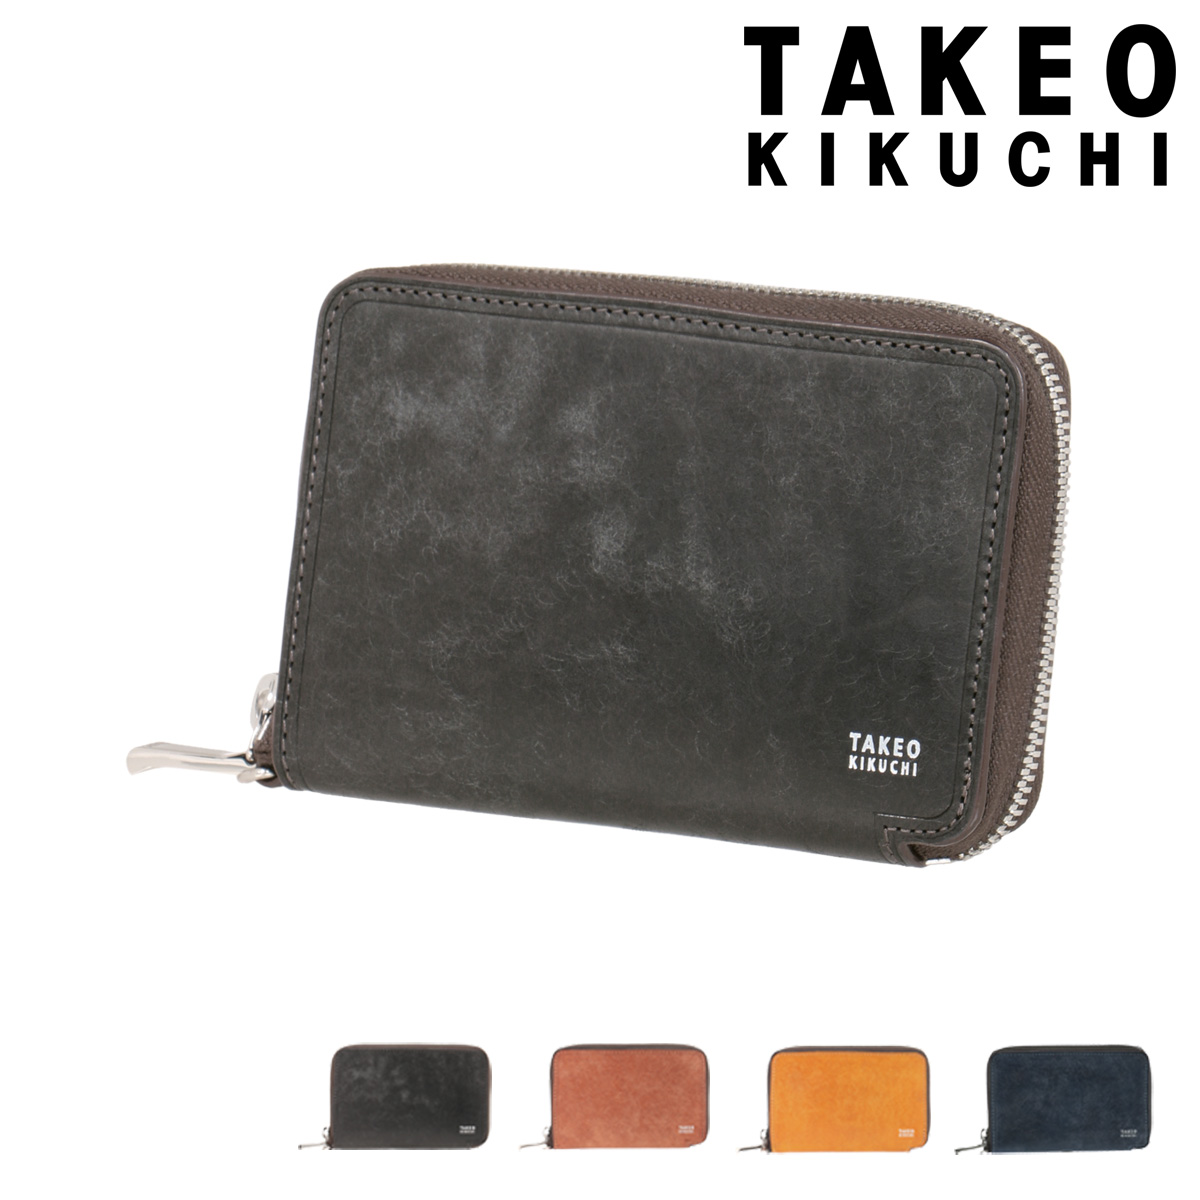 タケオキクチ 二つ折り財布 ミニ財布 ラウンドファスナー マルゴ メンズ 780604 TAKEO KIKUCHI | BOX型小銭入れ 牛革 本革 レザー [PO5][bef]